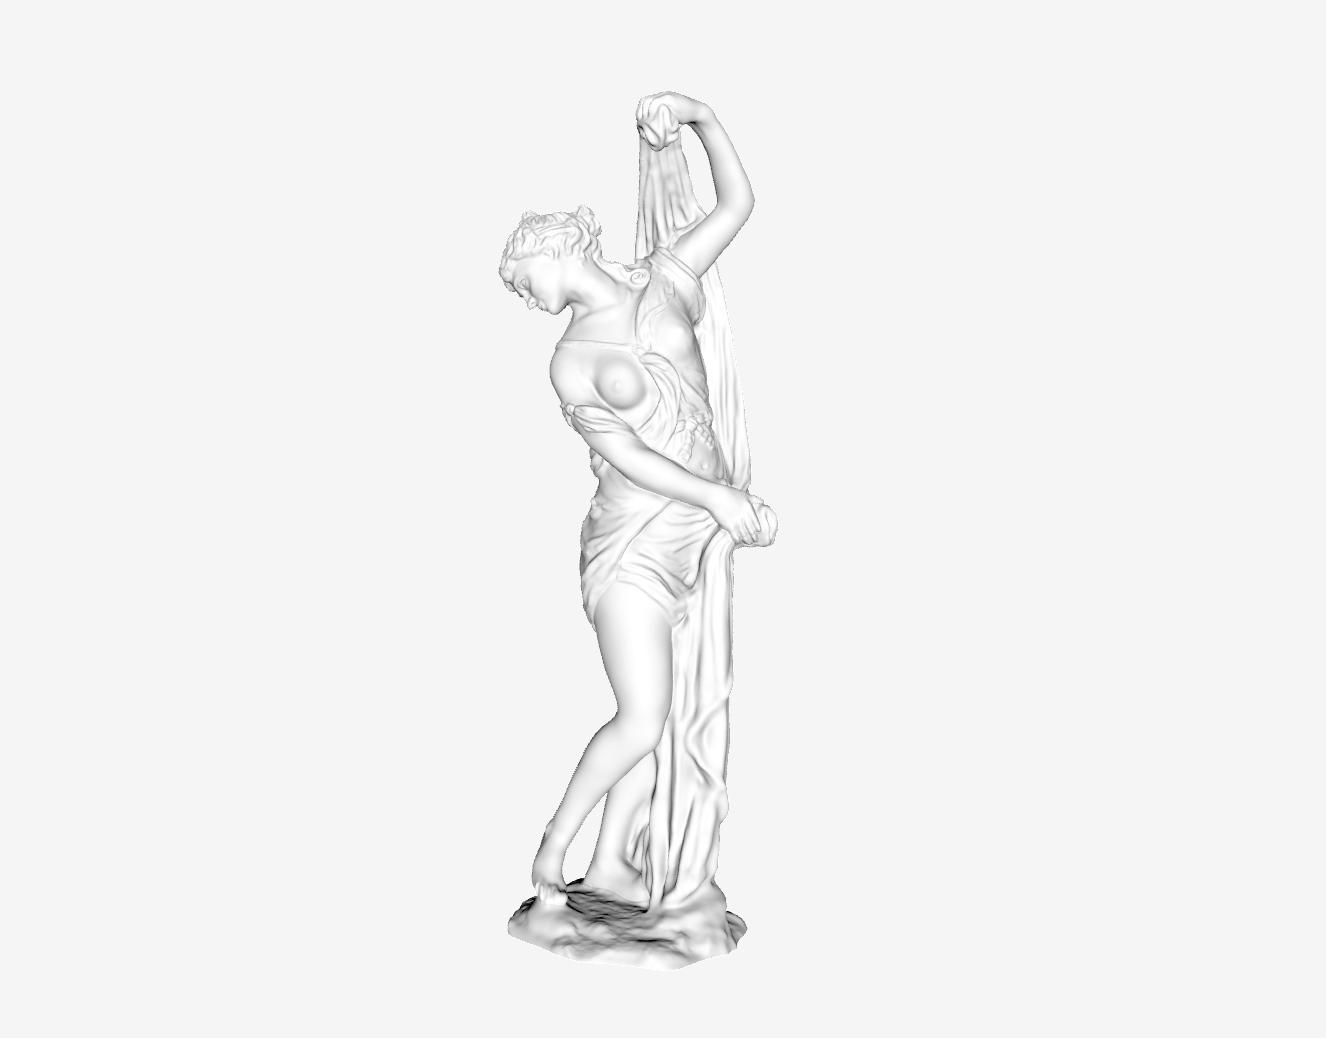 Capture d'écran 2018-09-21 à 15.28.45.png Download free STL file The Venus Callipyge at The Louvre, Paris • 3D printer design, Louvre